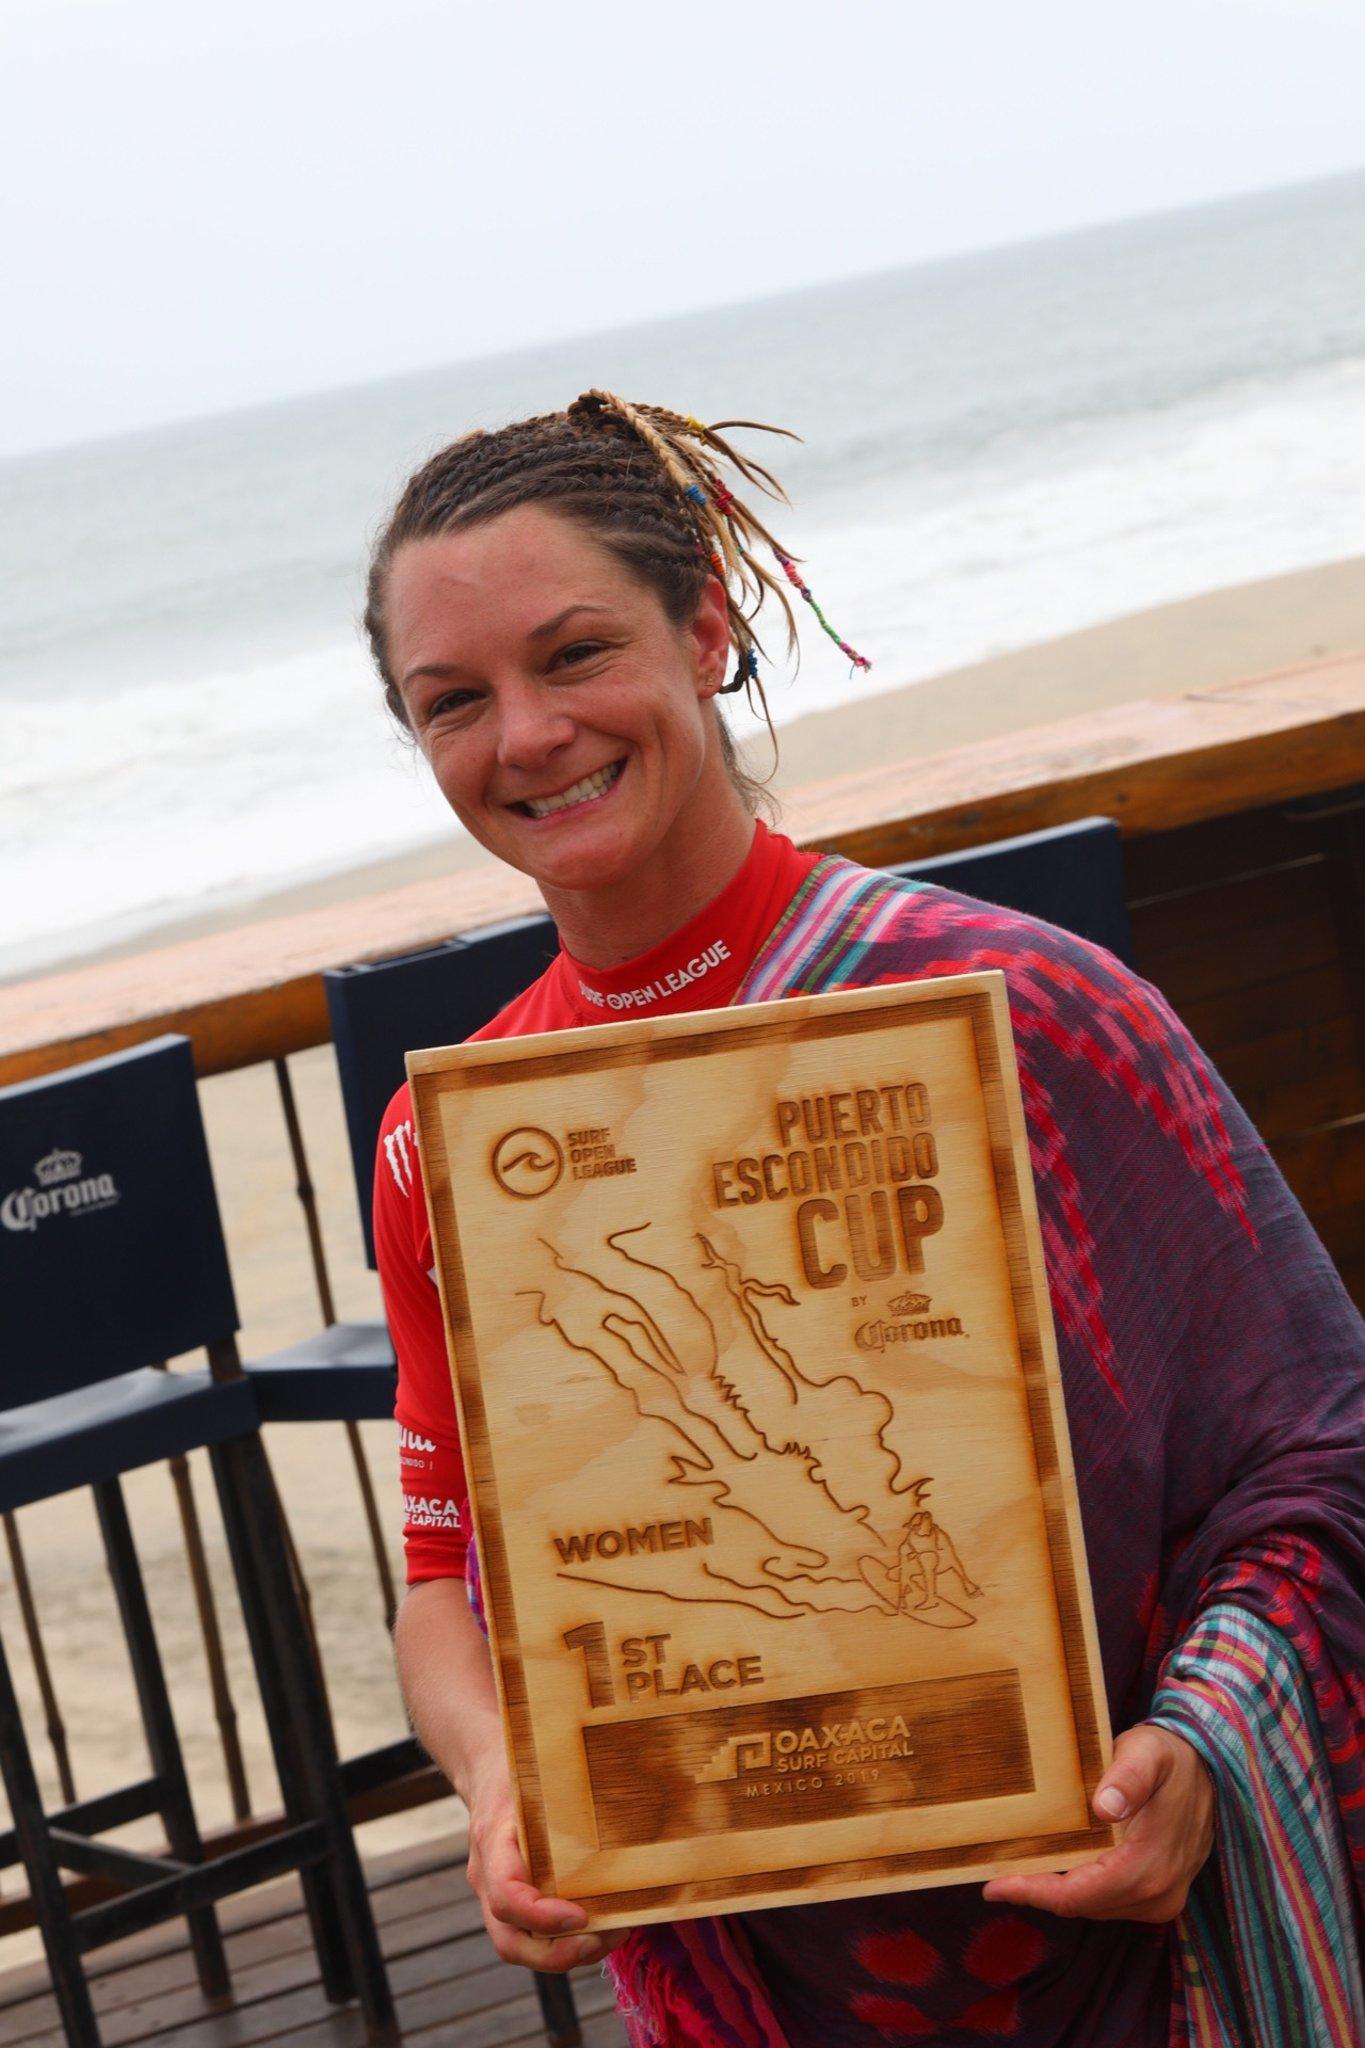 Alerta verde para Puerto Escondido Cup by Corona 2019